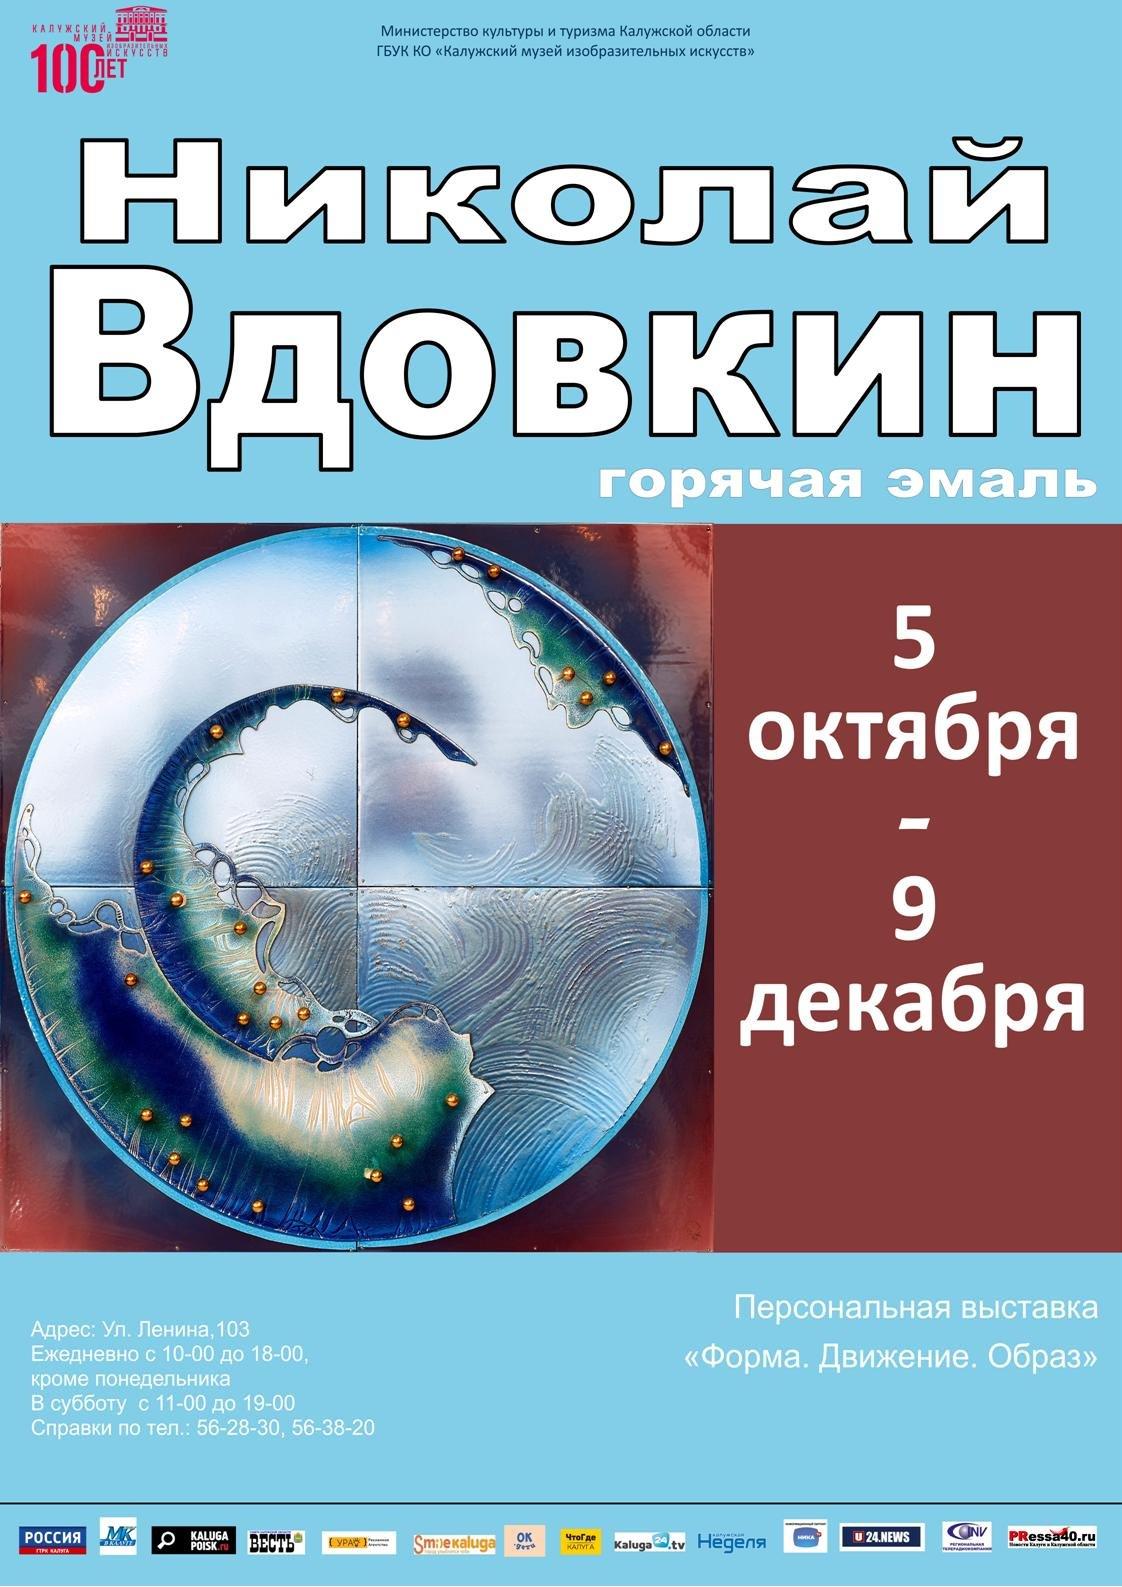 Выставка Николая Вдовкина «Форма. Движение. Образ»